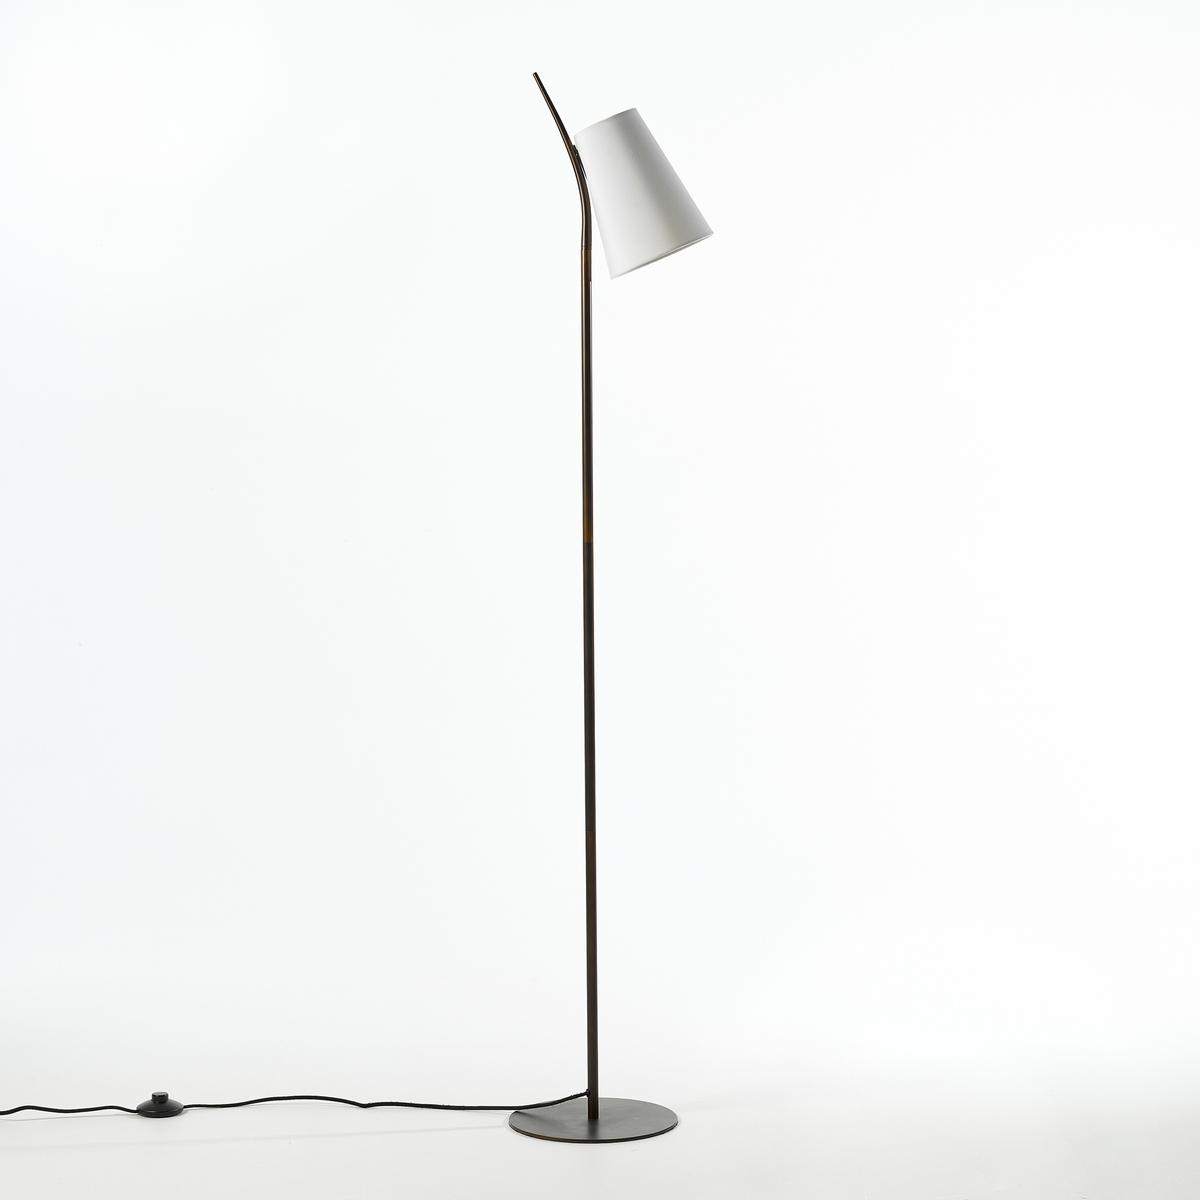 Торшер JouanicoТоршер Jouanico : элегантная форма, идеально подходит как настольная лампа или как торшер ! Характеристики :- Металлический каркас с покрытием эпоксидной краской- Абажур из хлопка.- Патрон E14 для компактной лампы макс. 8 Вт (продается отдельно).- Совместим с лампами класса энергопотребления A.Размеры :- Ш.25 x В.154 x Г.27,5 см.Это изделие может использоваться в комнате детей старше 14 лет согласно действующему стандарту.<br><br>Цвет: белый